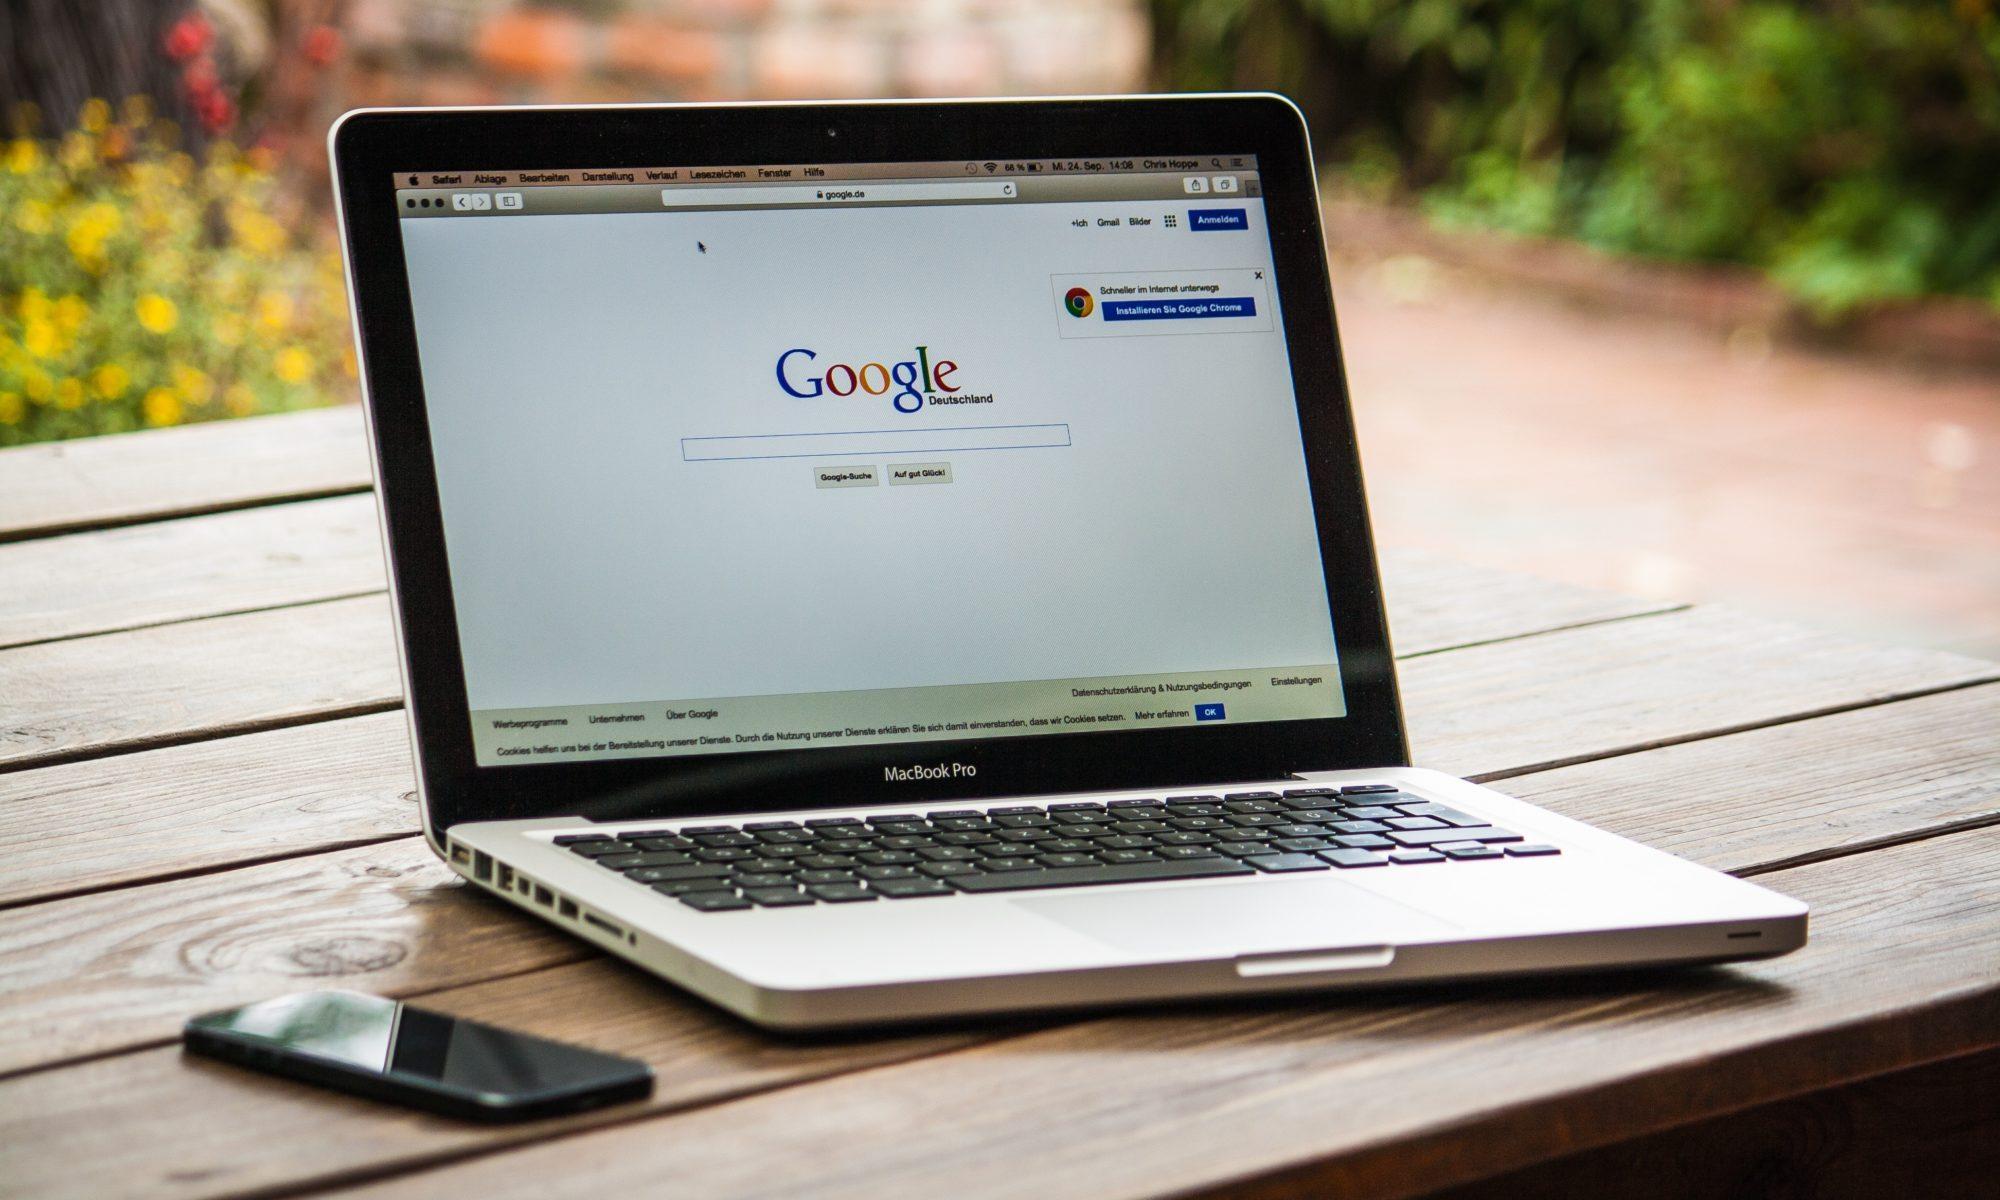 un vdi a t'il le droit de vendre sur internet